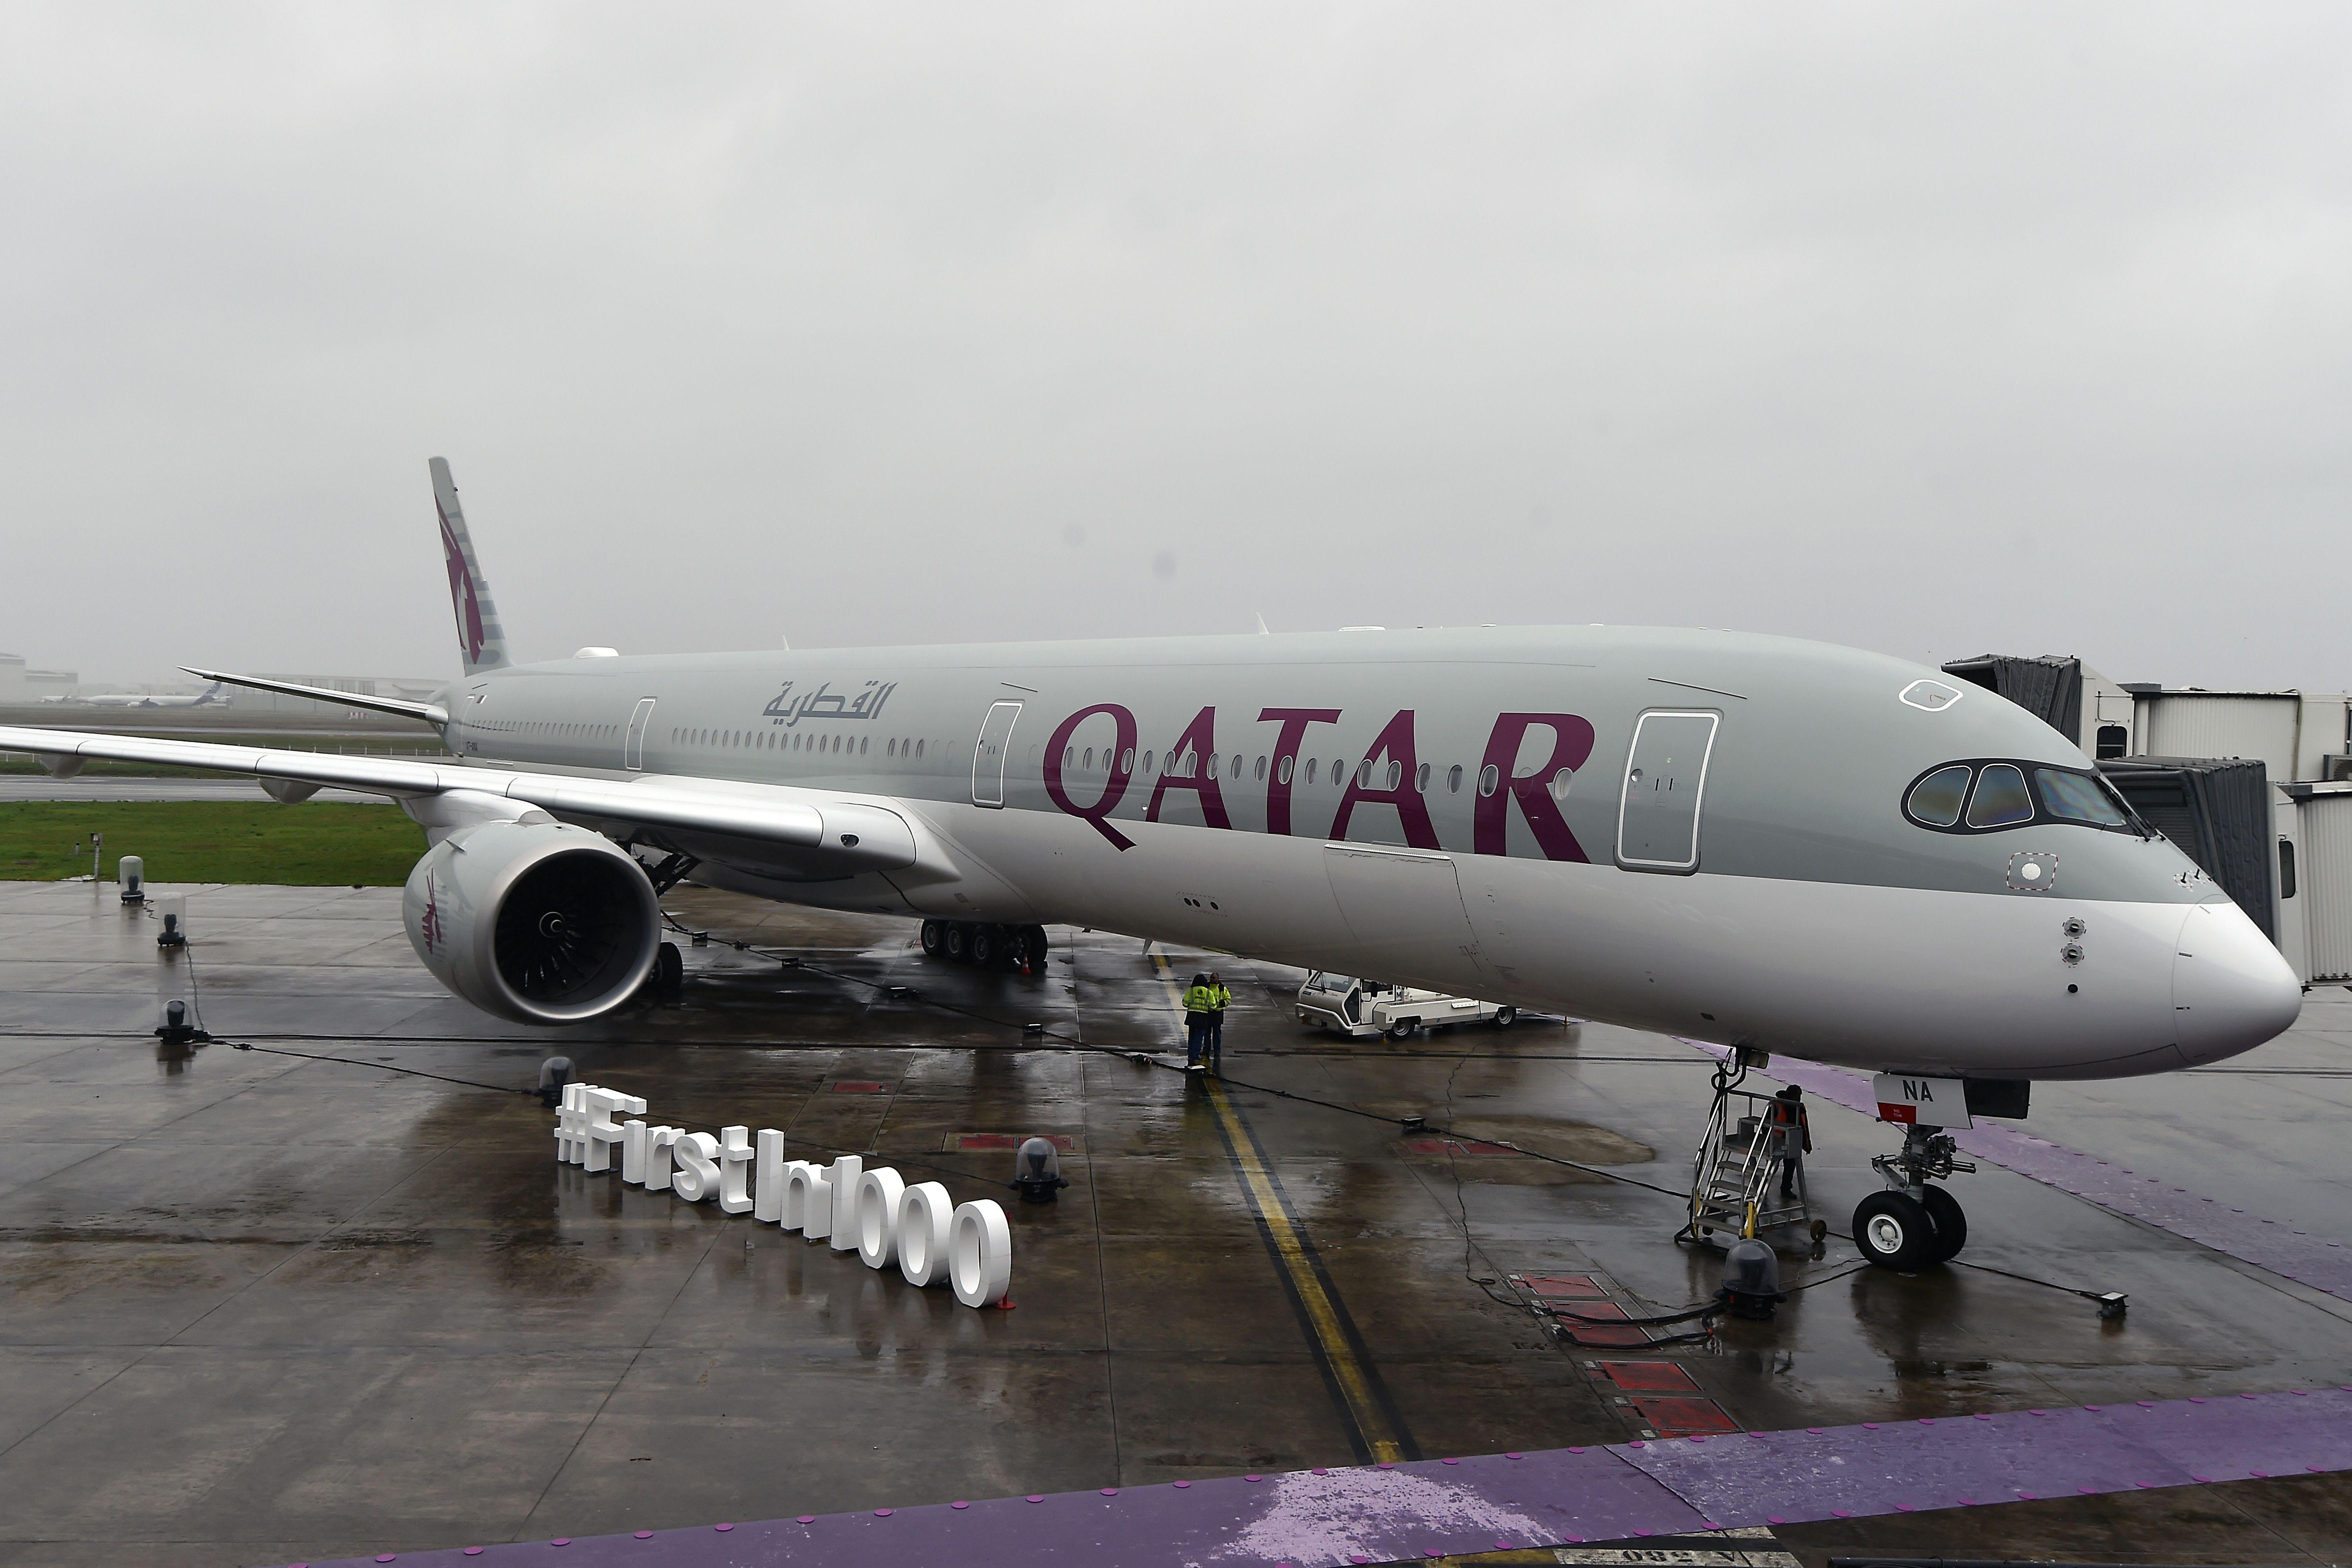 France-Qatar-FRANCE-QATAR-AIRCRAFT-AVIATION-ECONOMY